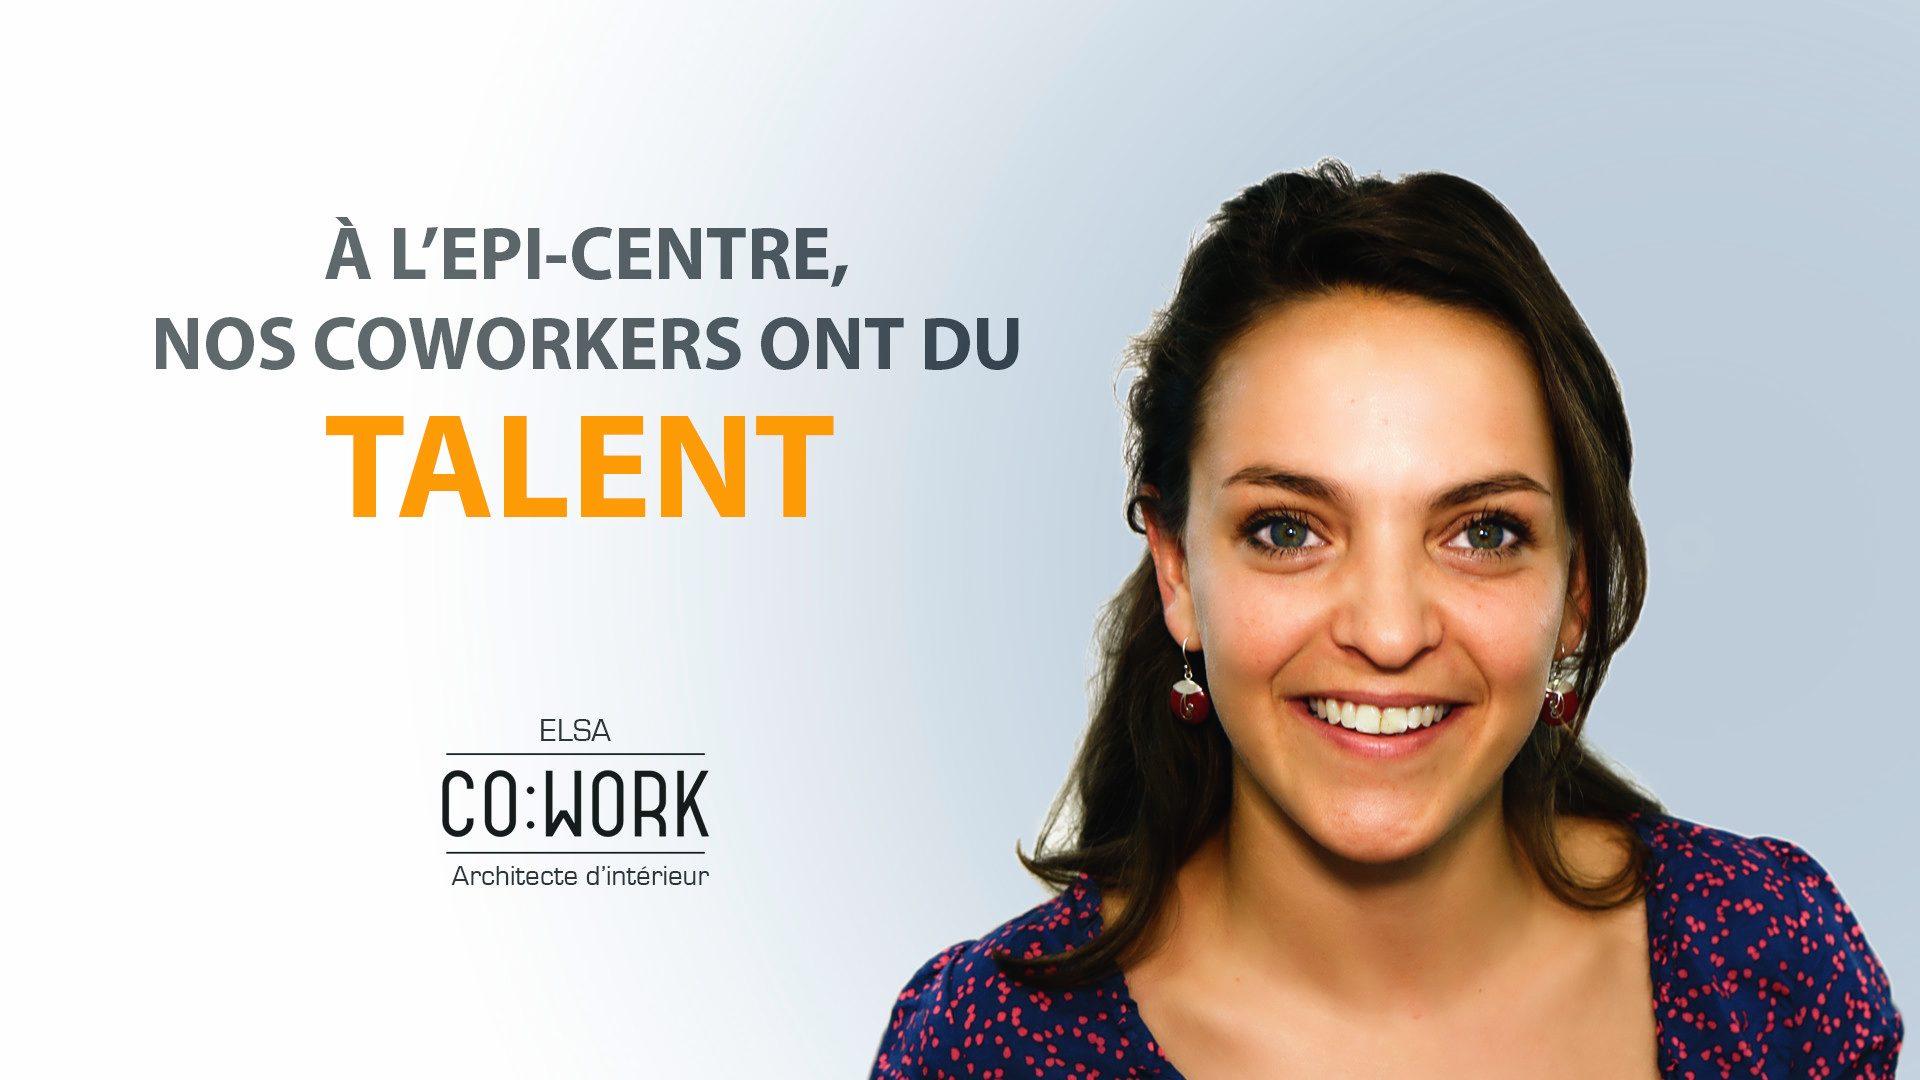 epicentre crest coworking télétravail médiation numérique tiers-lieu epi-centre formation talent romain jeauneau